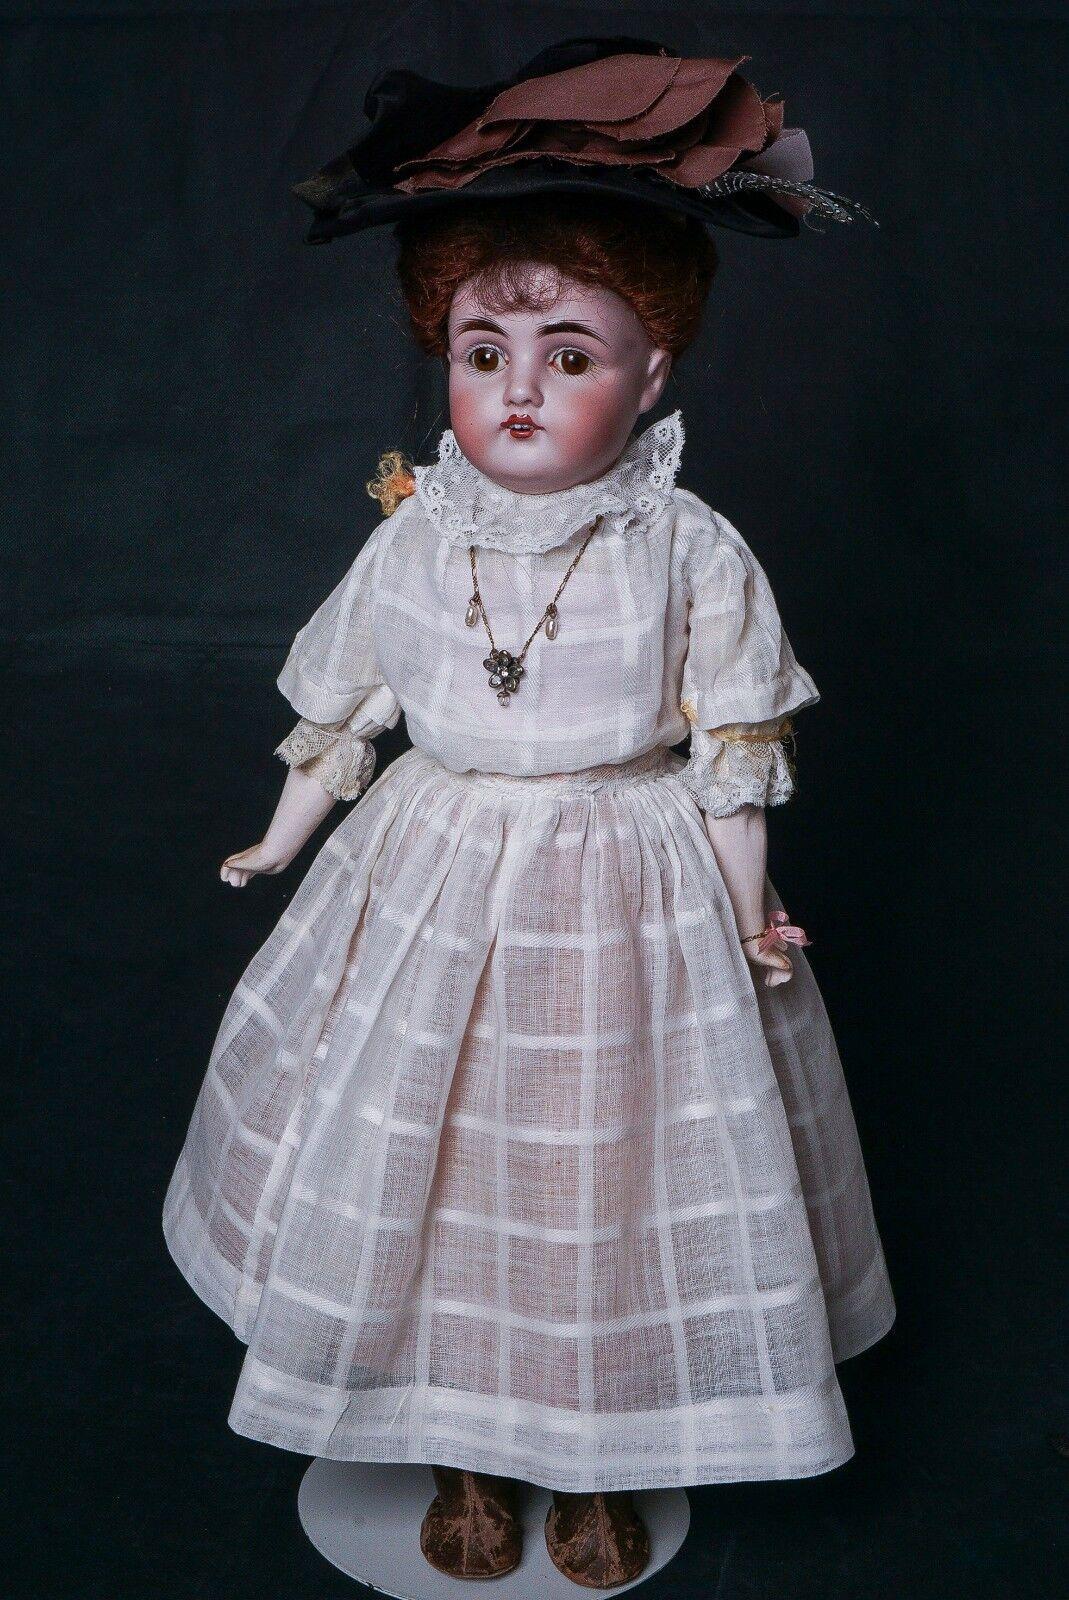 Antique German Bisque Kestner 154 Doll 19  -20  Tall Old blancos